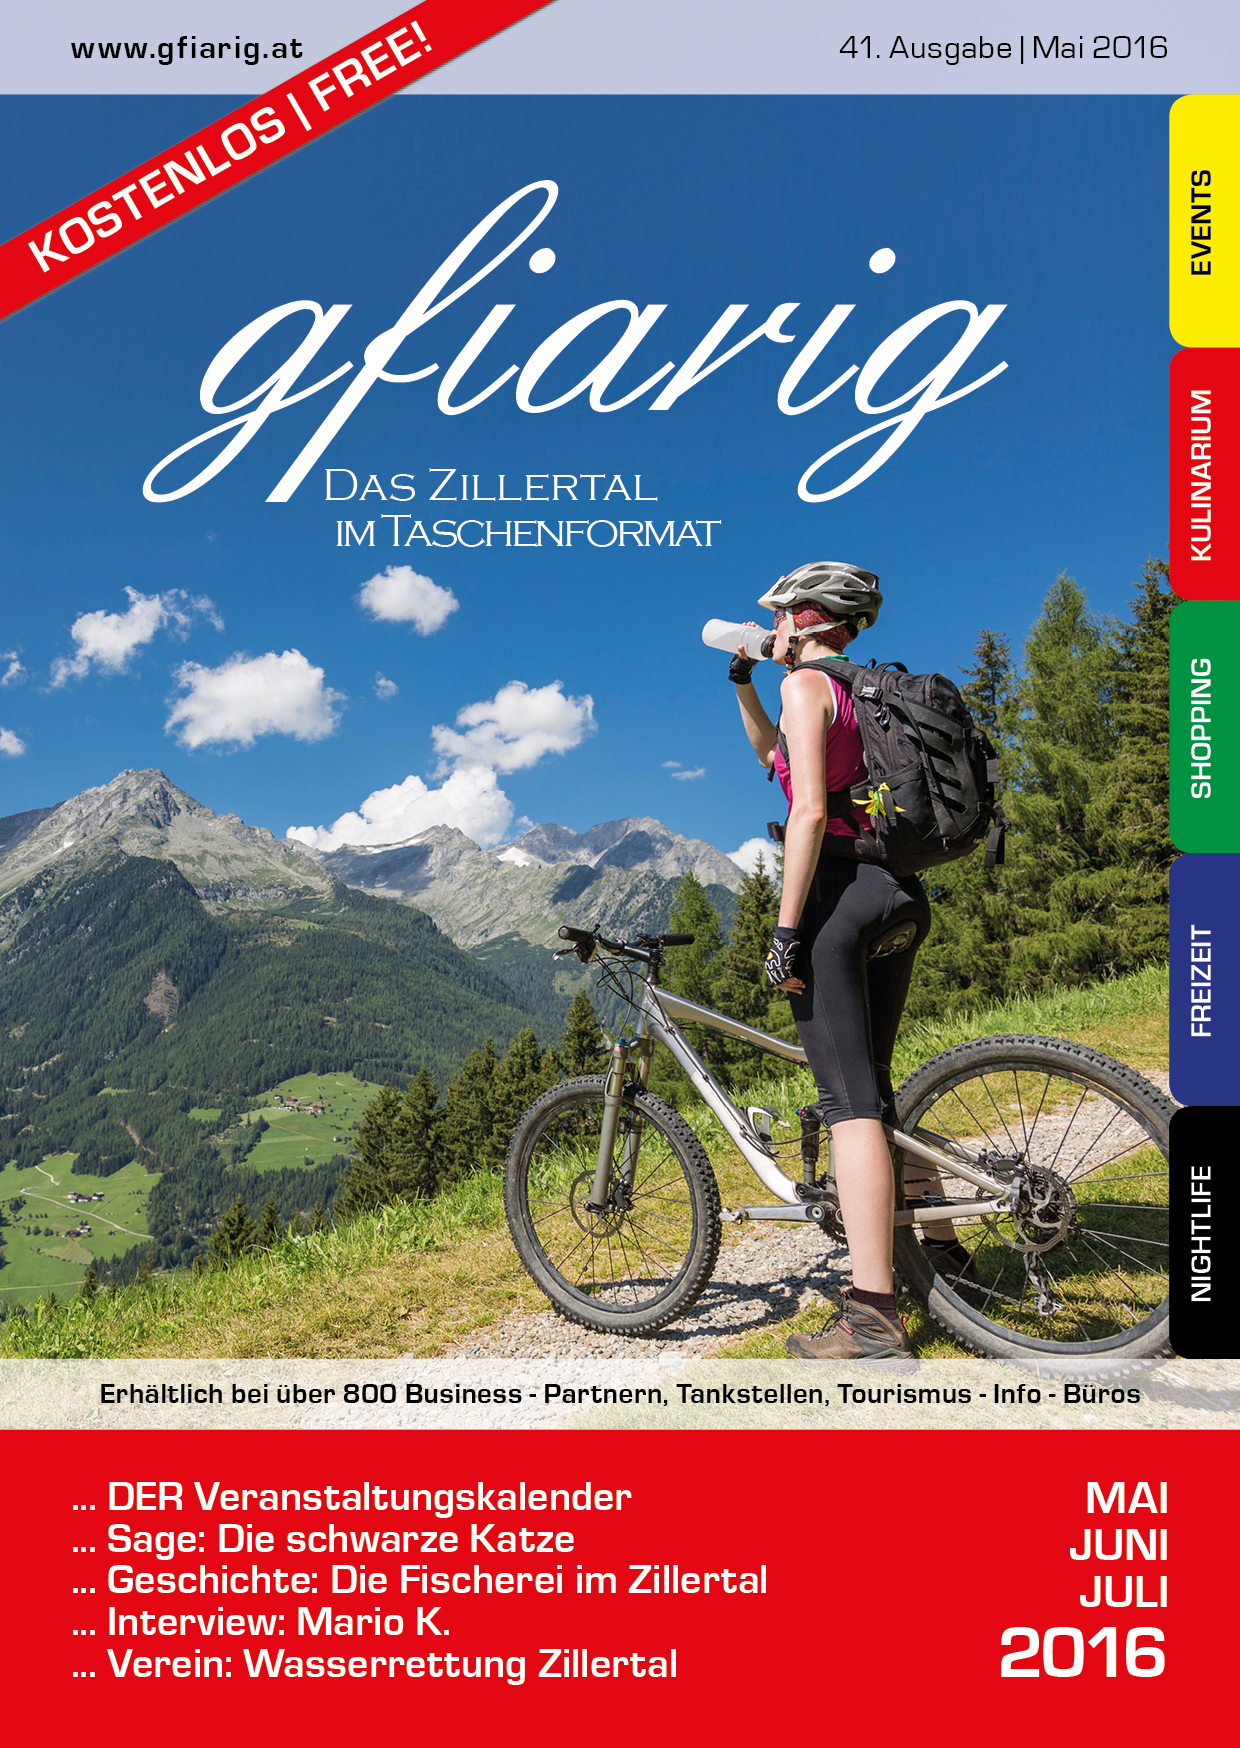 Gfiarig - 41.Ausgabe - Mai 2016